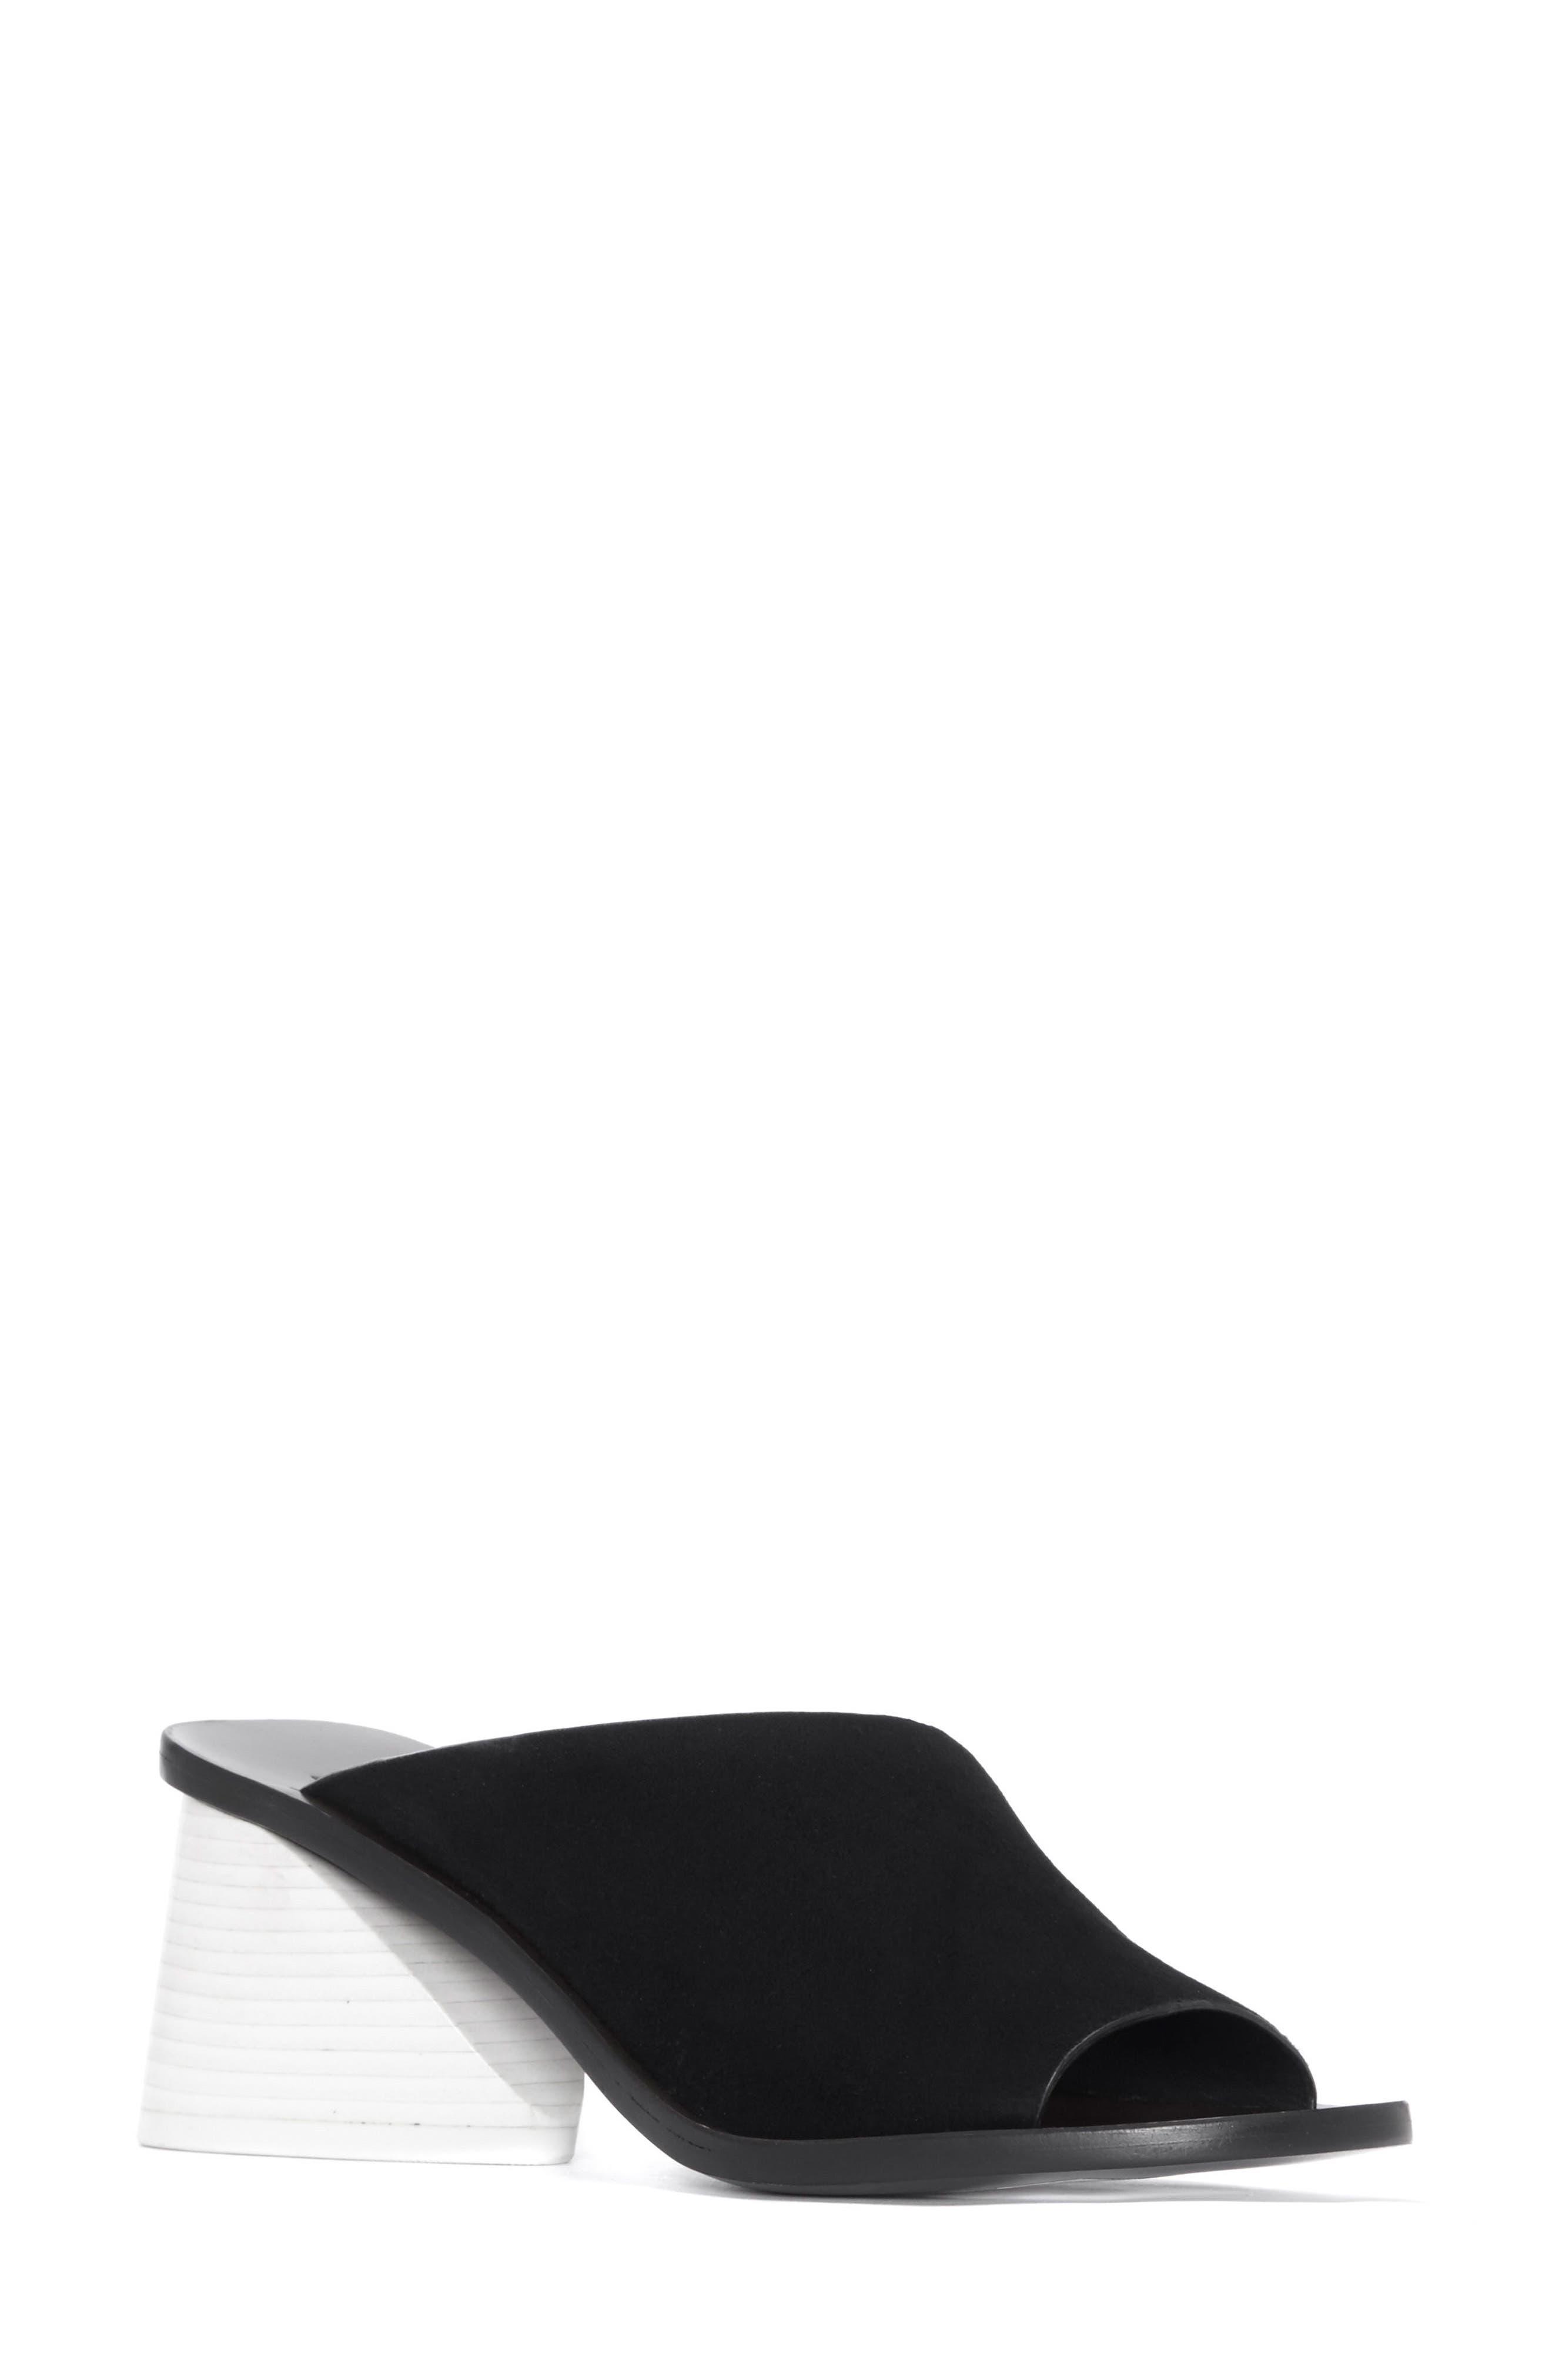 Izar Slide Sandal,                         Main,                         color, BLACK